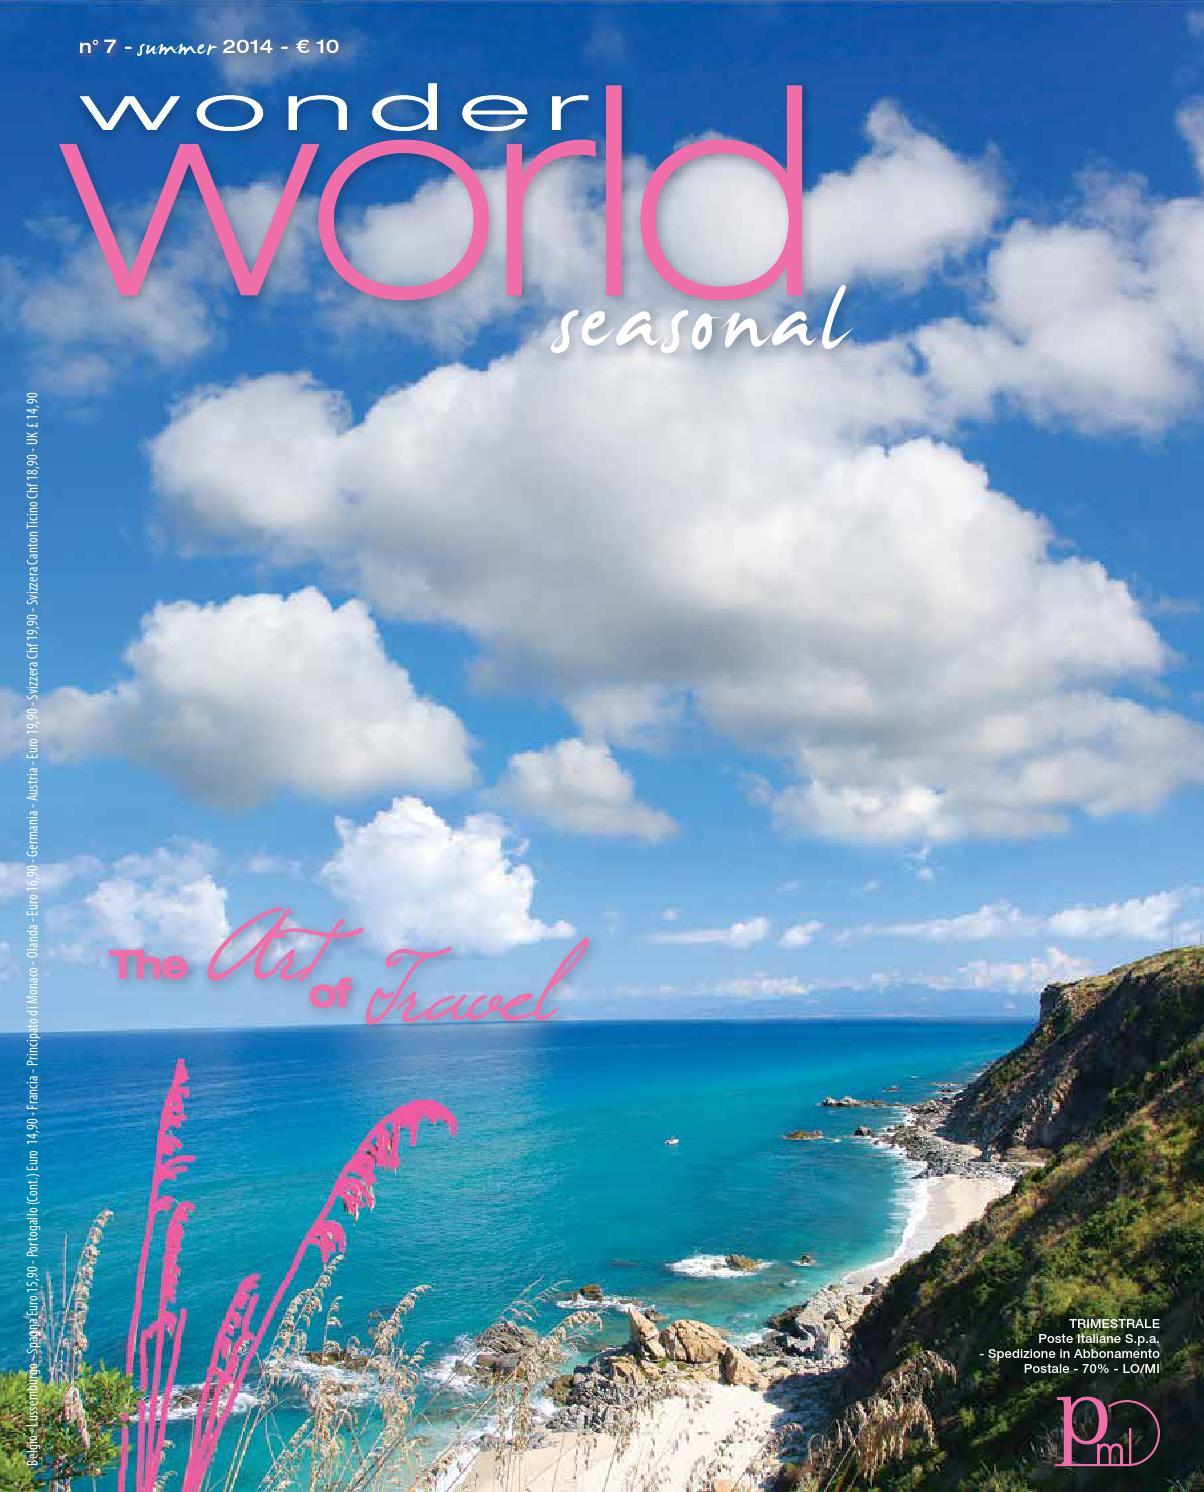 Wonder World Seasonal #7 by Platinum Media Lab issuu